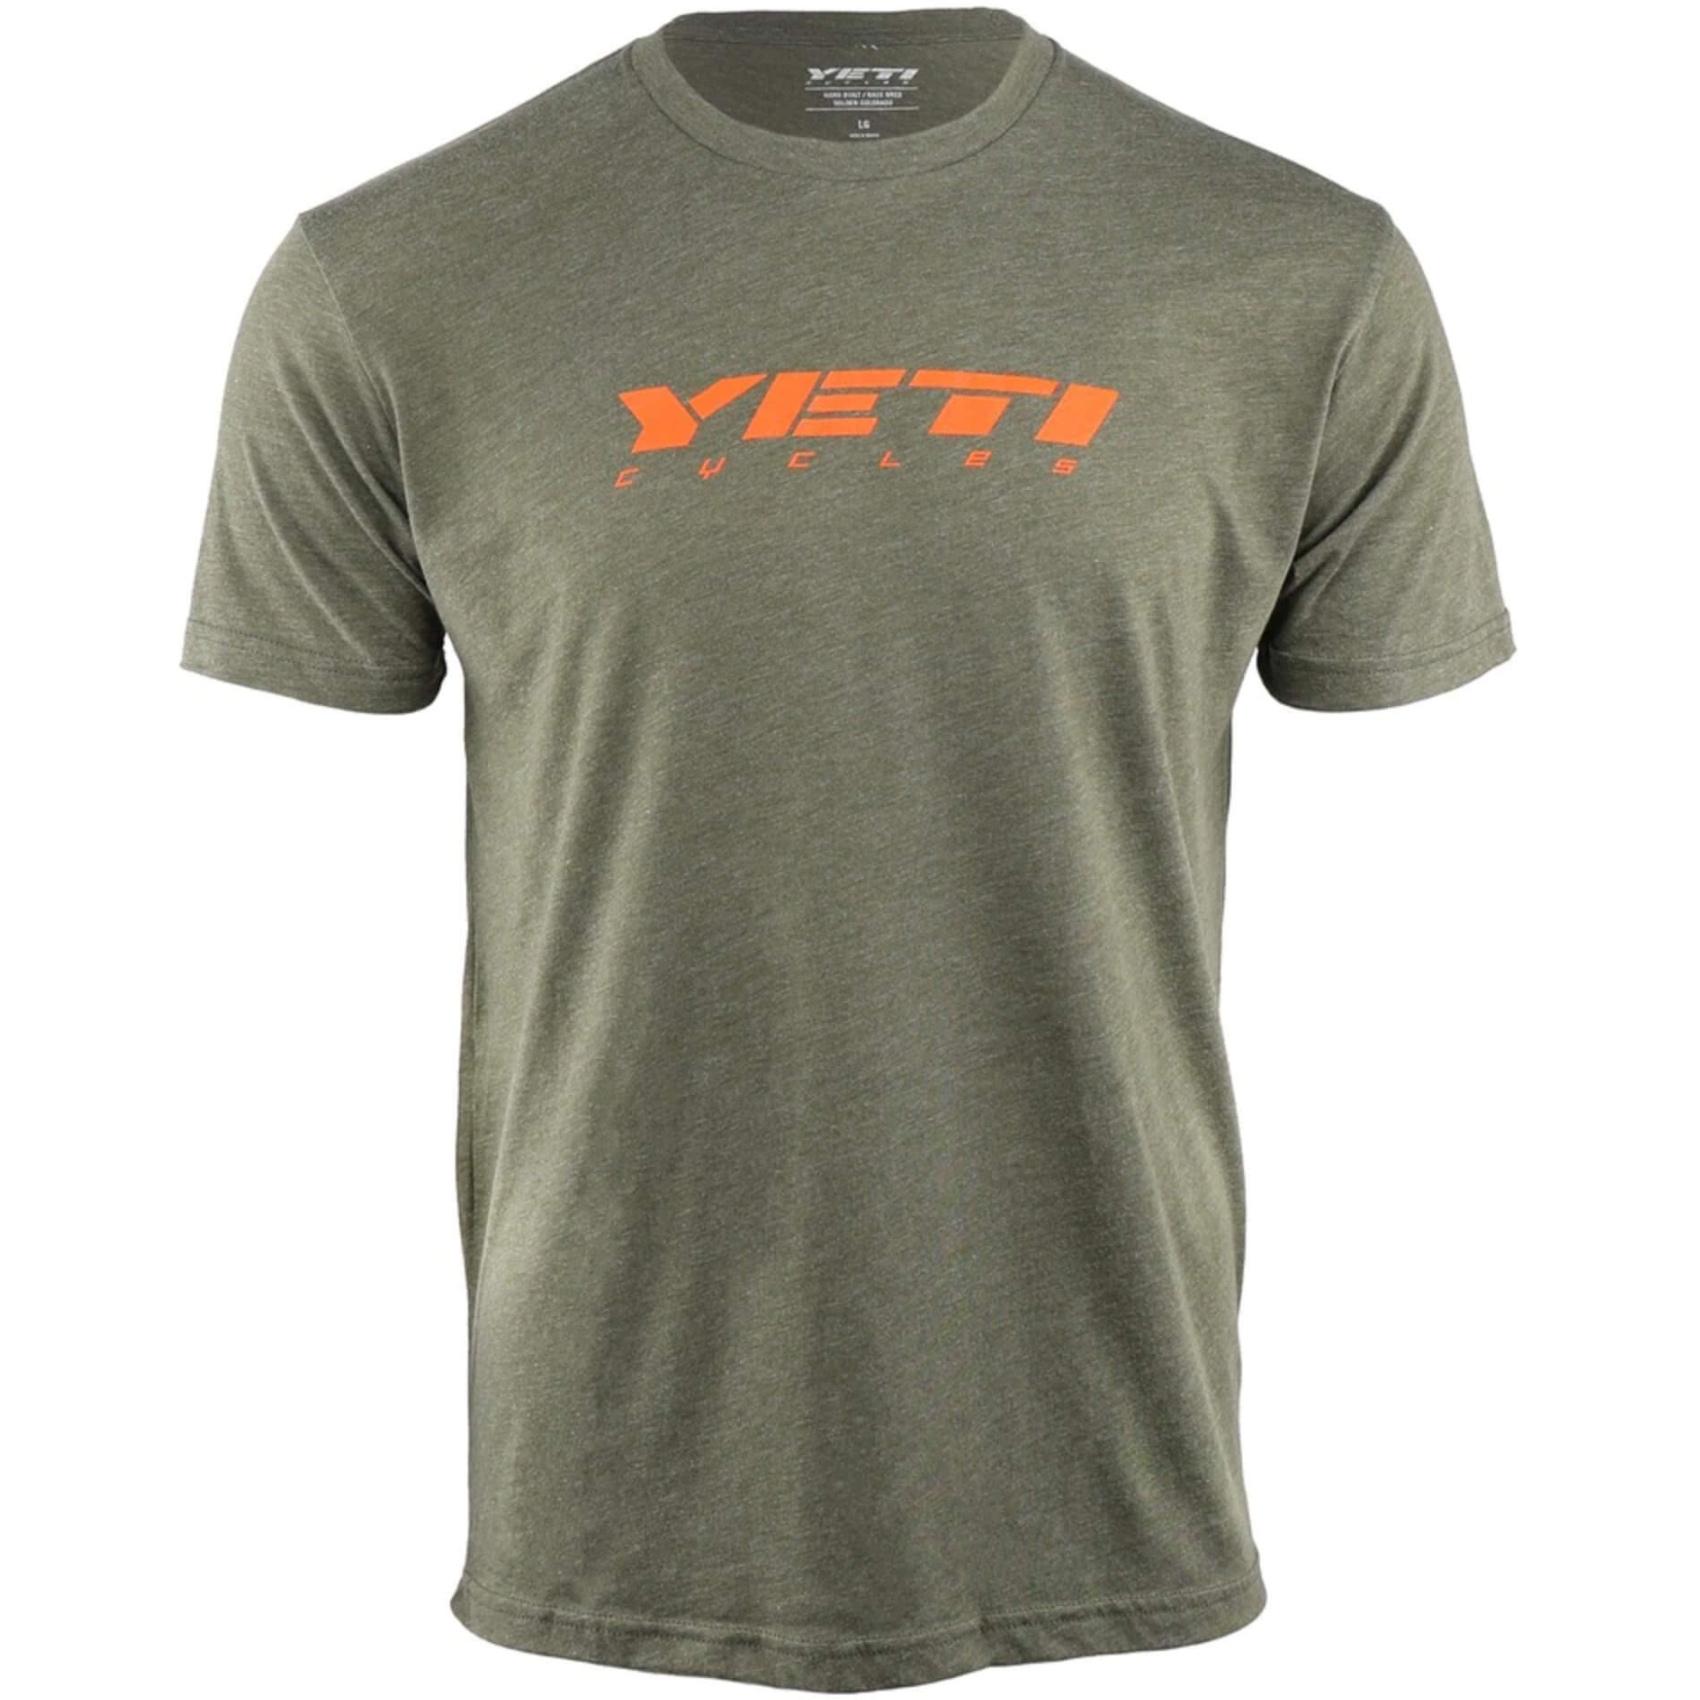 Bild von Yeti Cycles Slant T-Shirt - Army Green